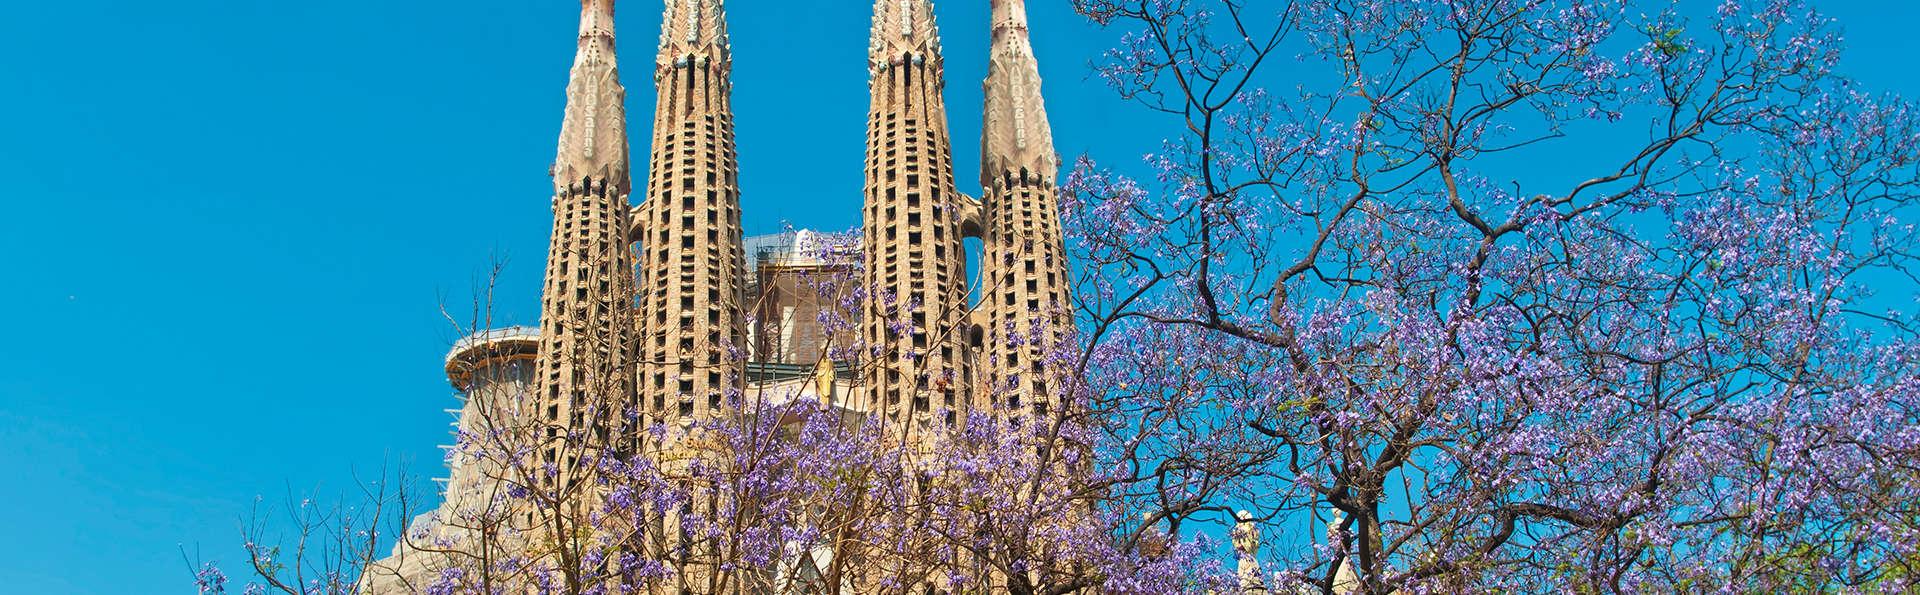 Week end en amoureux barcelone avec 1 billet coupe file pour la sagrada familia pour 2 adultes - Billet coupe file sagrada familia ...